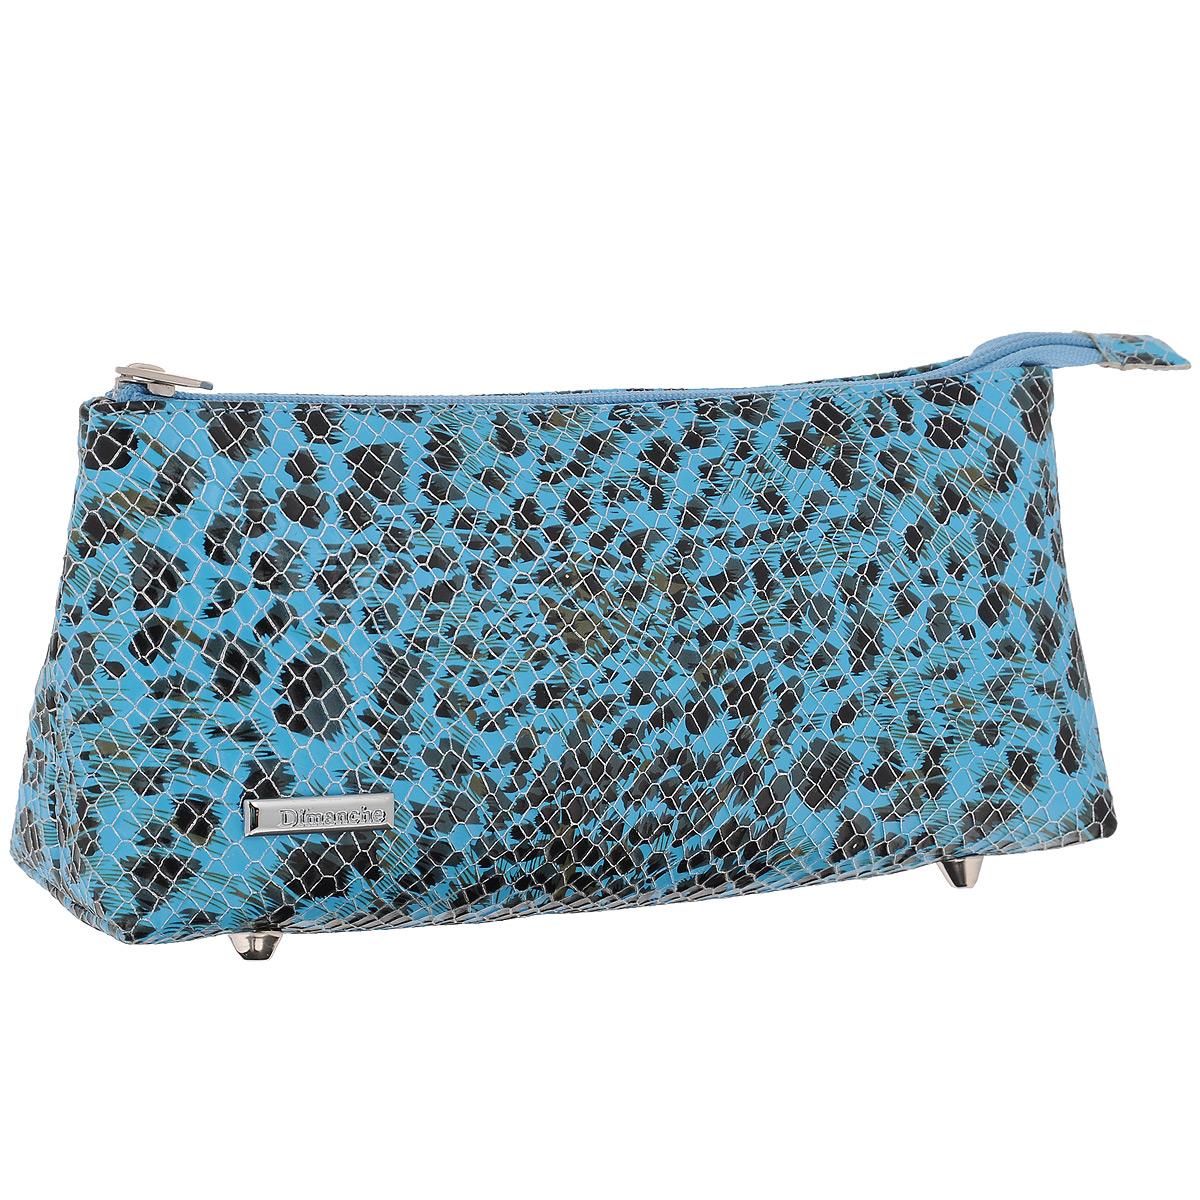 Косметичка Dimanche, цвет: голубой. 264264Косметичка Dimanche изготовлена из искусственной кожи голубого цвета с тиснением под рептилию. Внутри косметичка отделана атласным текстильным материалом. Изделие закрывается на застежку-молнию. Дно оснащено четырьмя металлическими ножками. Женская косметичка Dimanche - это стильный и полезный аксессуар для любой модницы. В косметичке поместится вся необходимая косметика, а благодаря компактным размерам ее всегда можно носить с собой в сумочке.